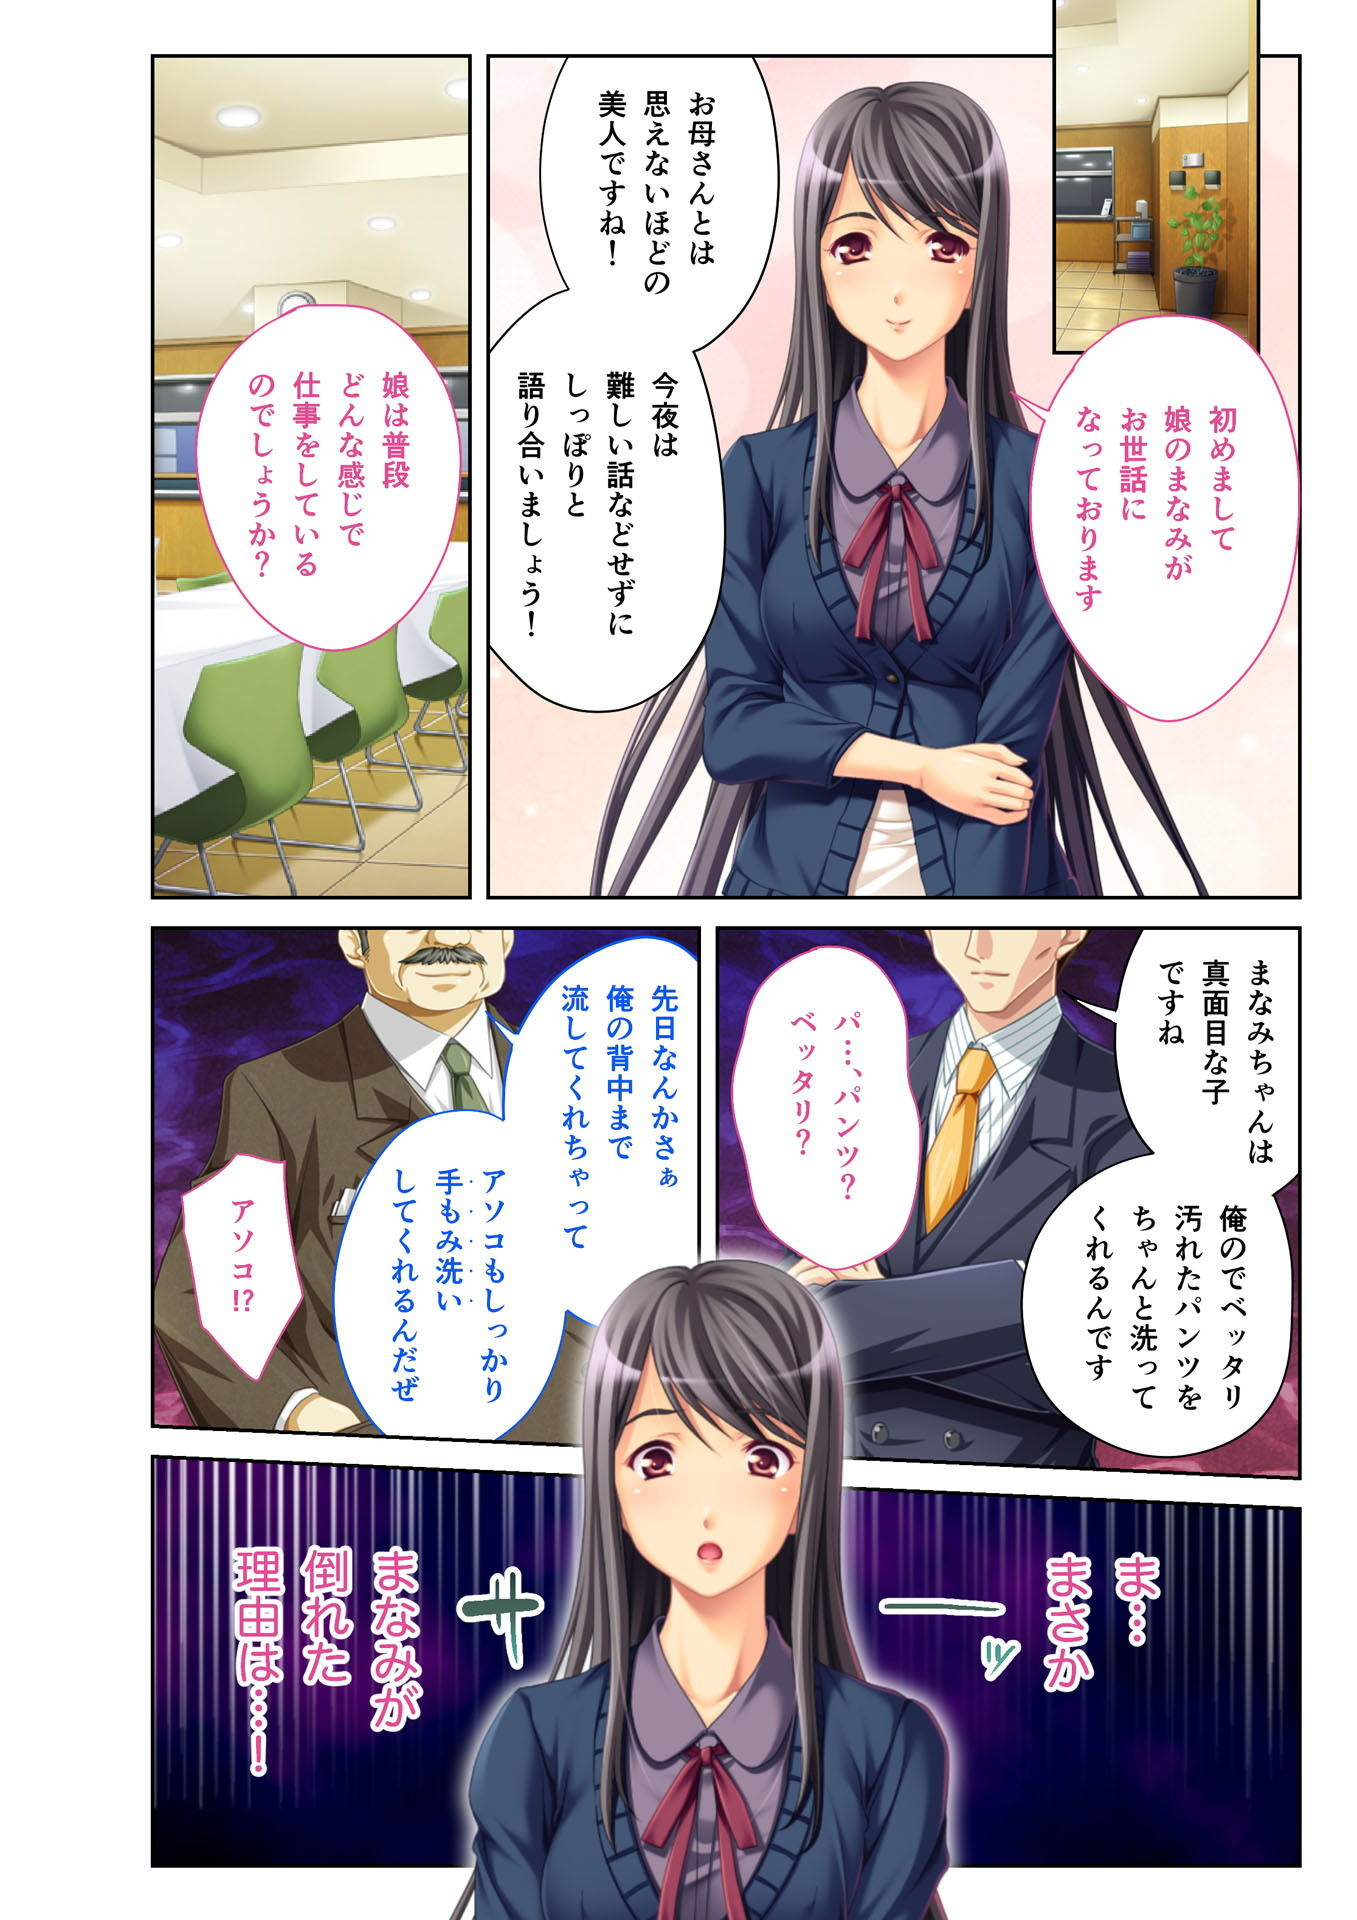 寝取られ人妻~ハメられた女たちの不倫事情~(1) フルカラーコミック版